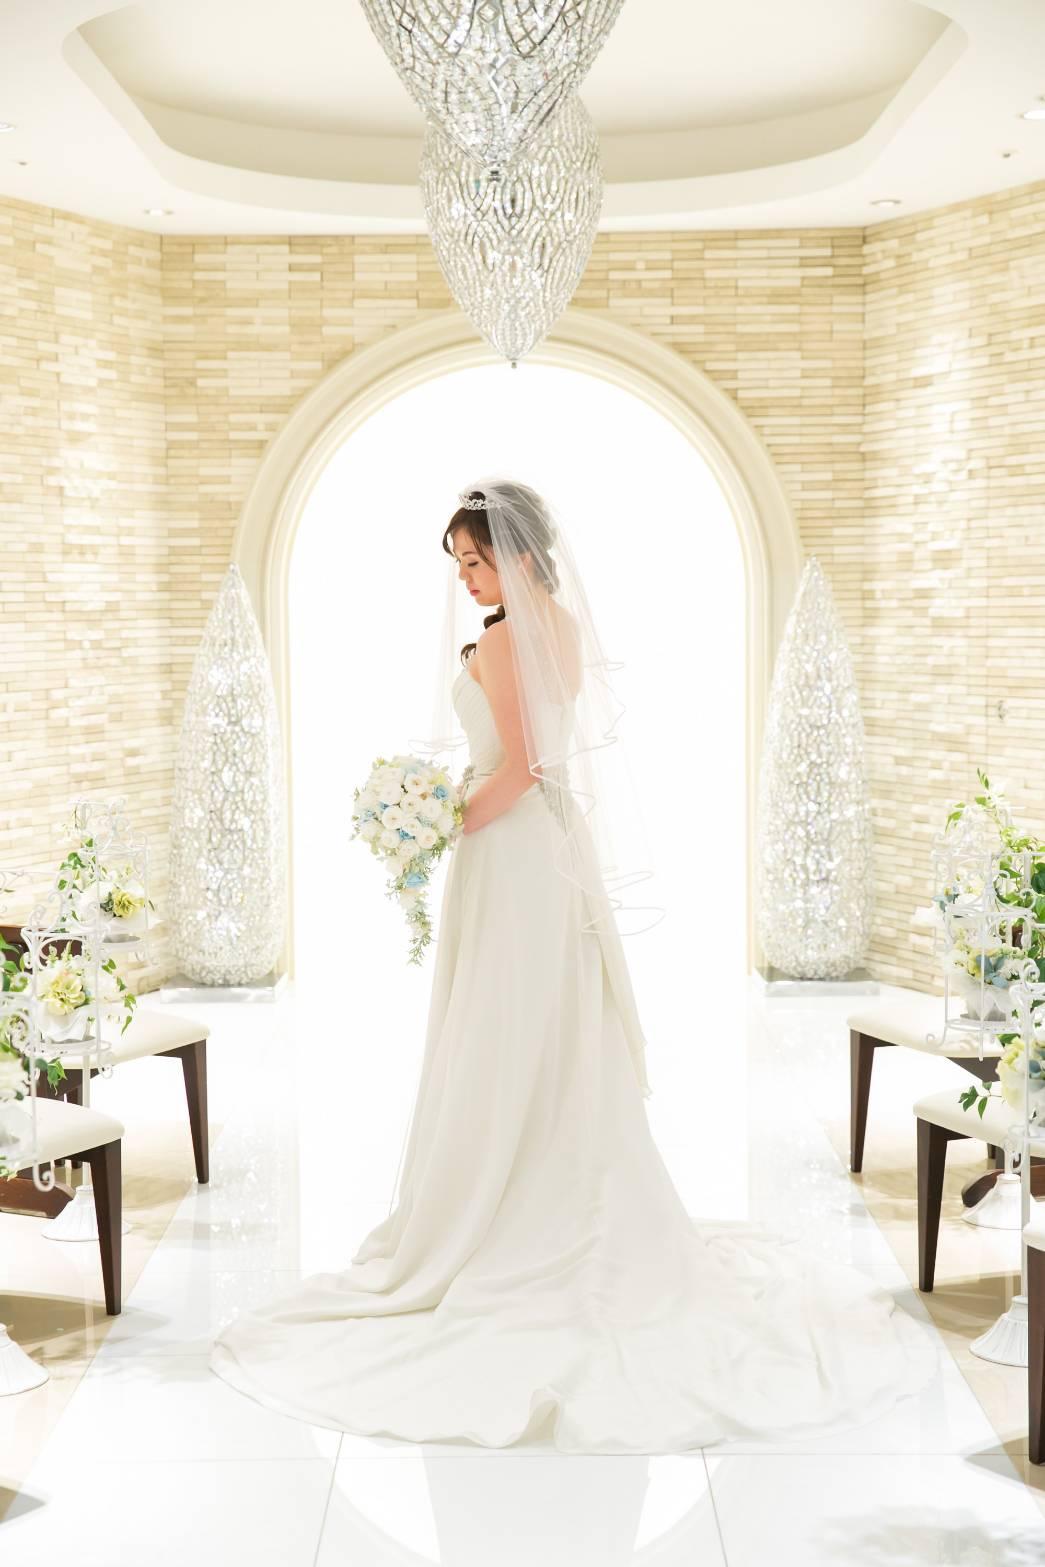 新郎新婦様からのメール フォトウエディングのためのブーケ、小さな結婚式様へ_a0042928_2371353.jpg